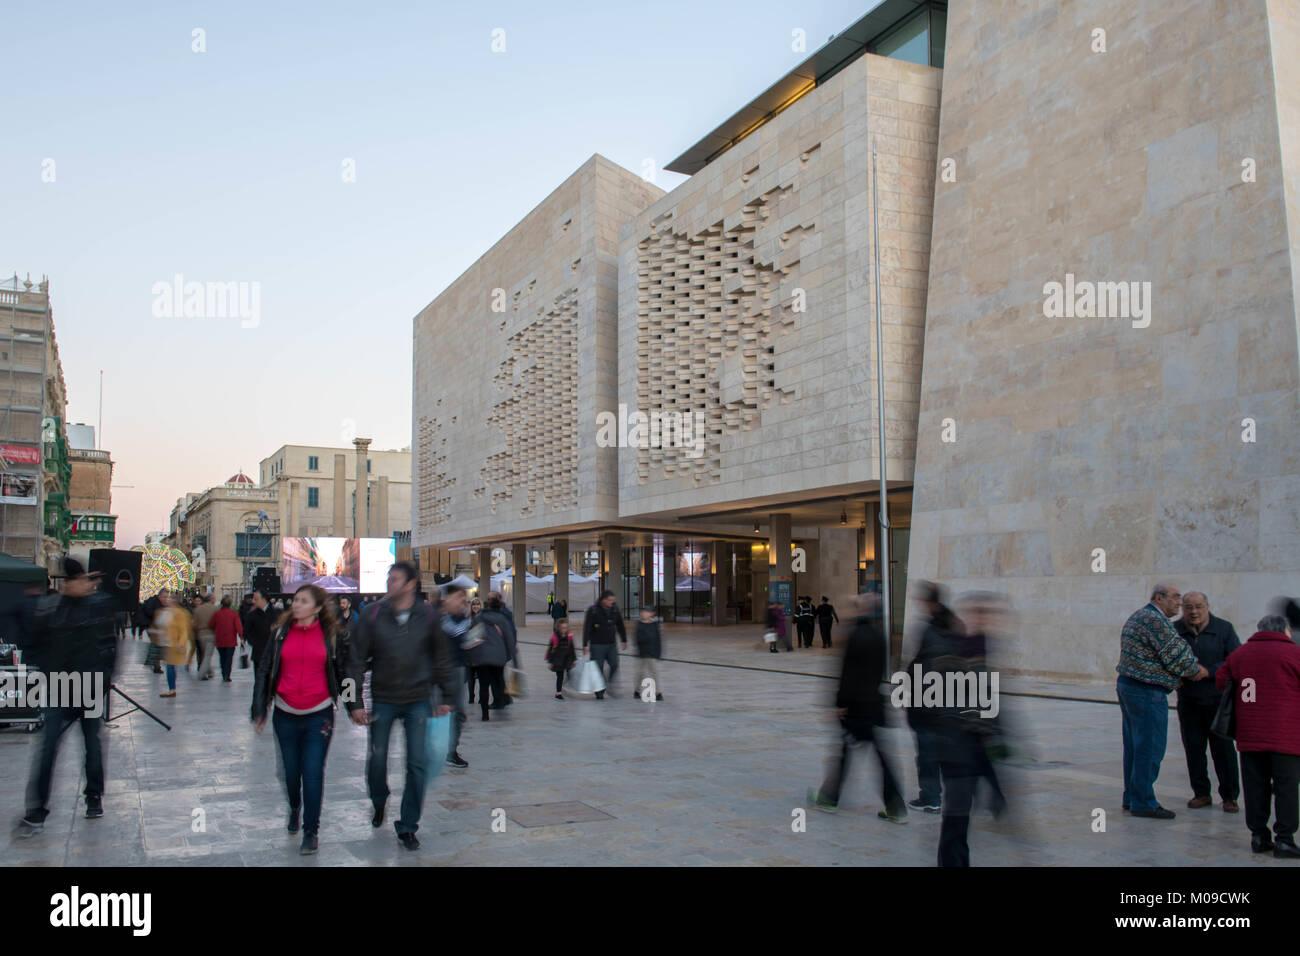 La Valette, Malte. 18 janvier, 2018. Les piétons en passant devant le Parlement européen à La Valette, Photo Stock